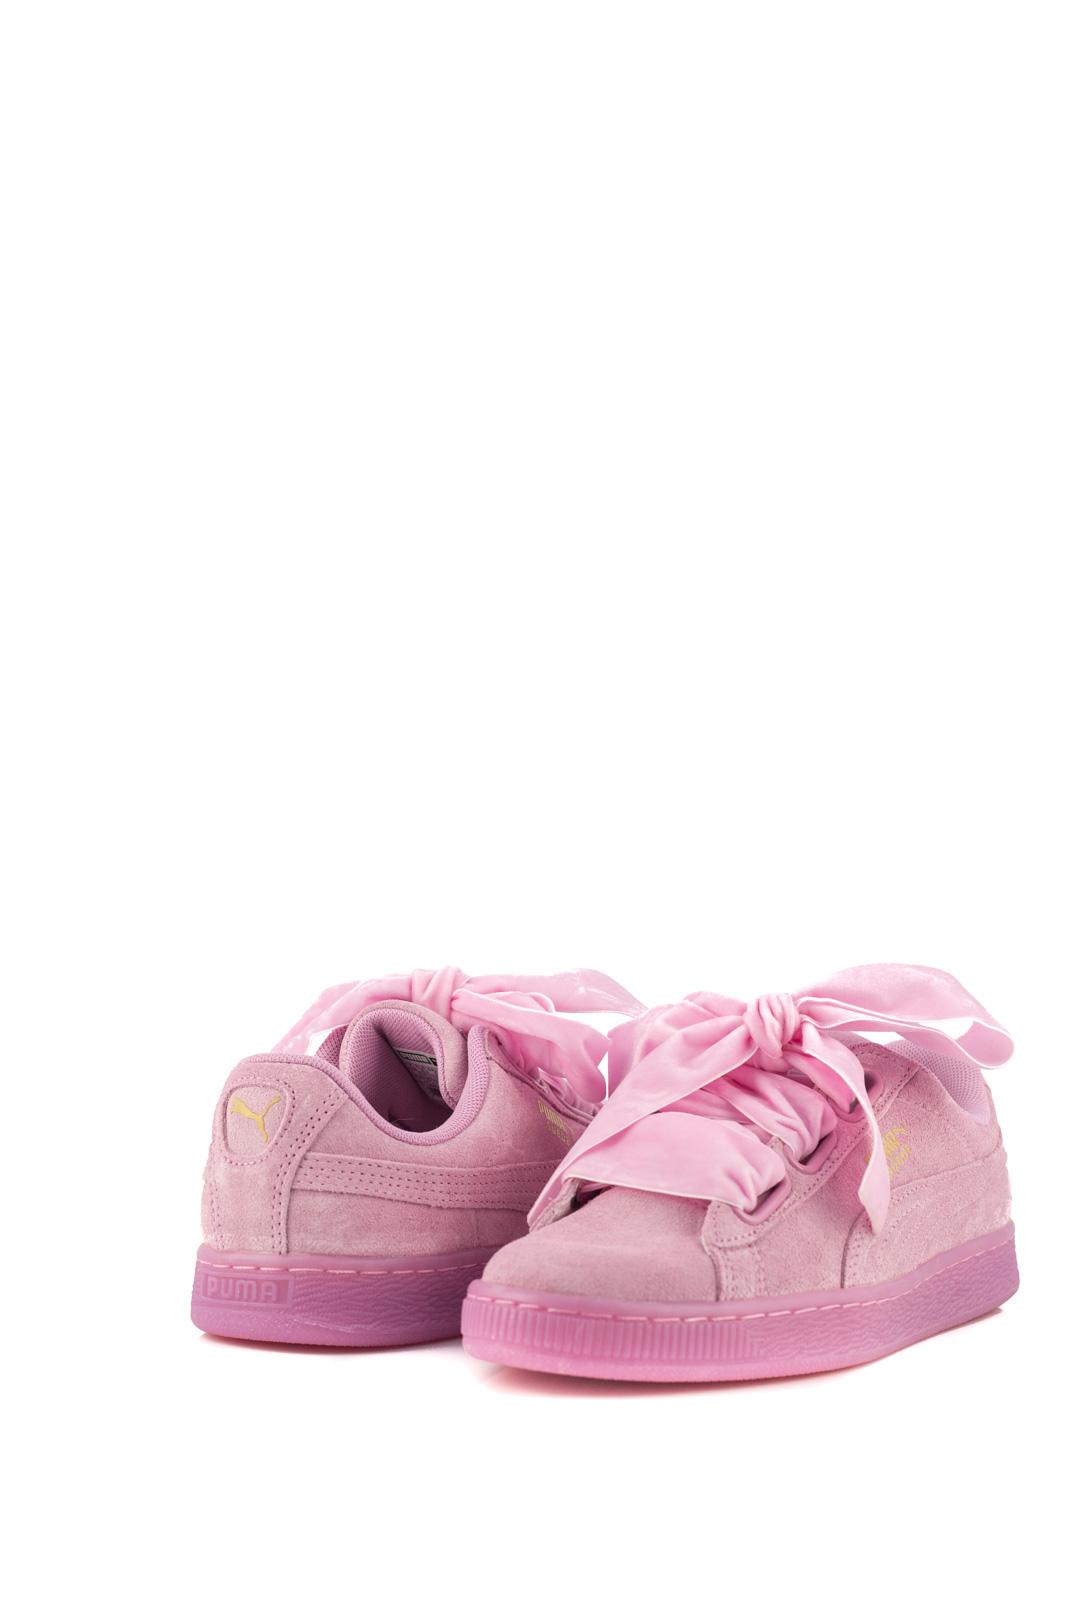 puma con fiocco rosa